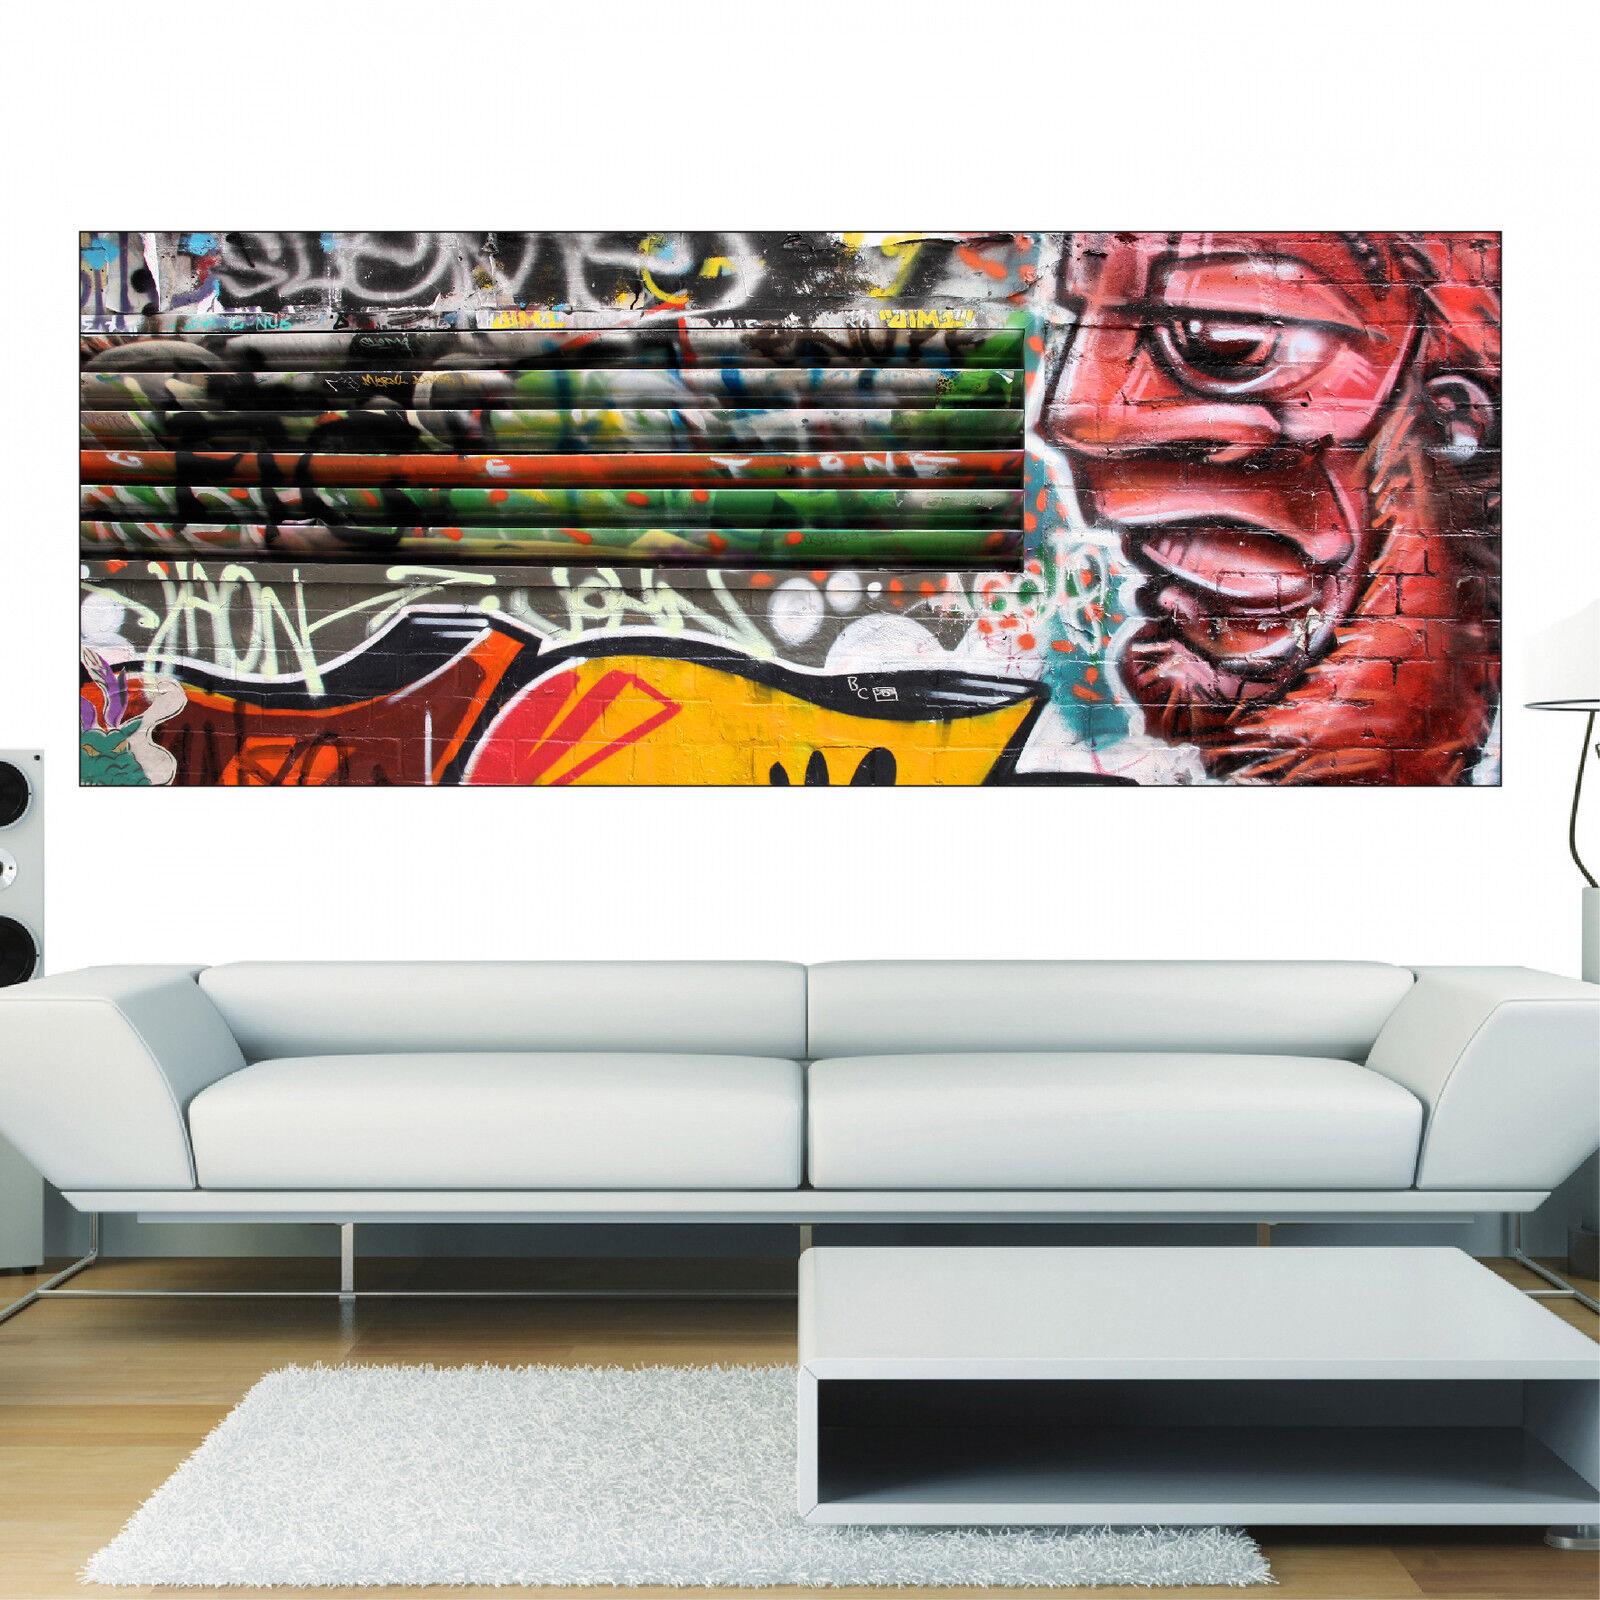 Pegatinas panorámica decoración Tag ref 3606( 13 sizes )